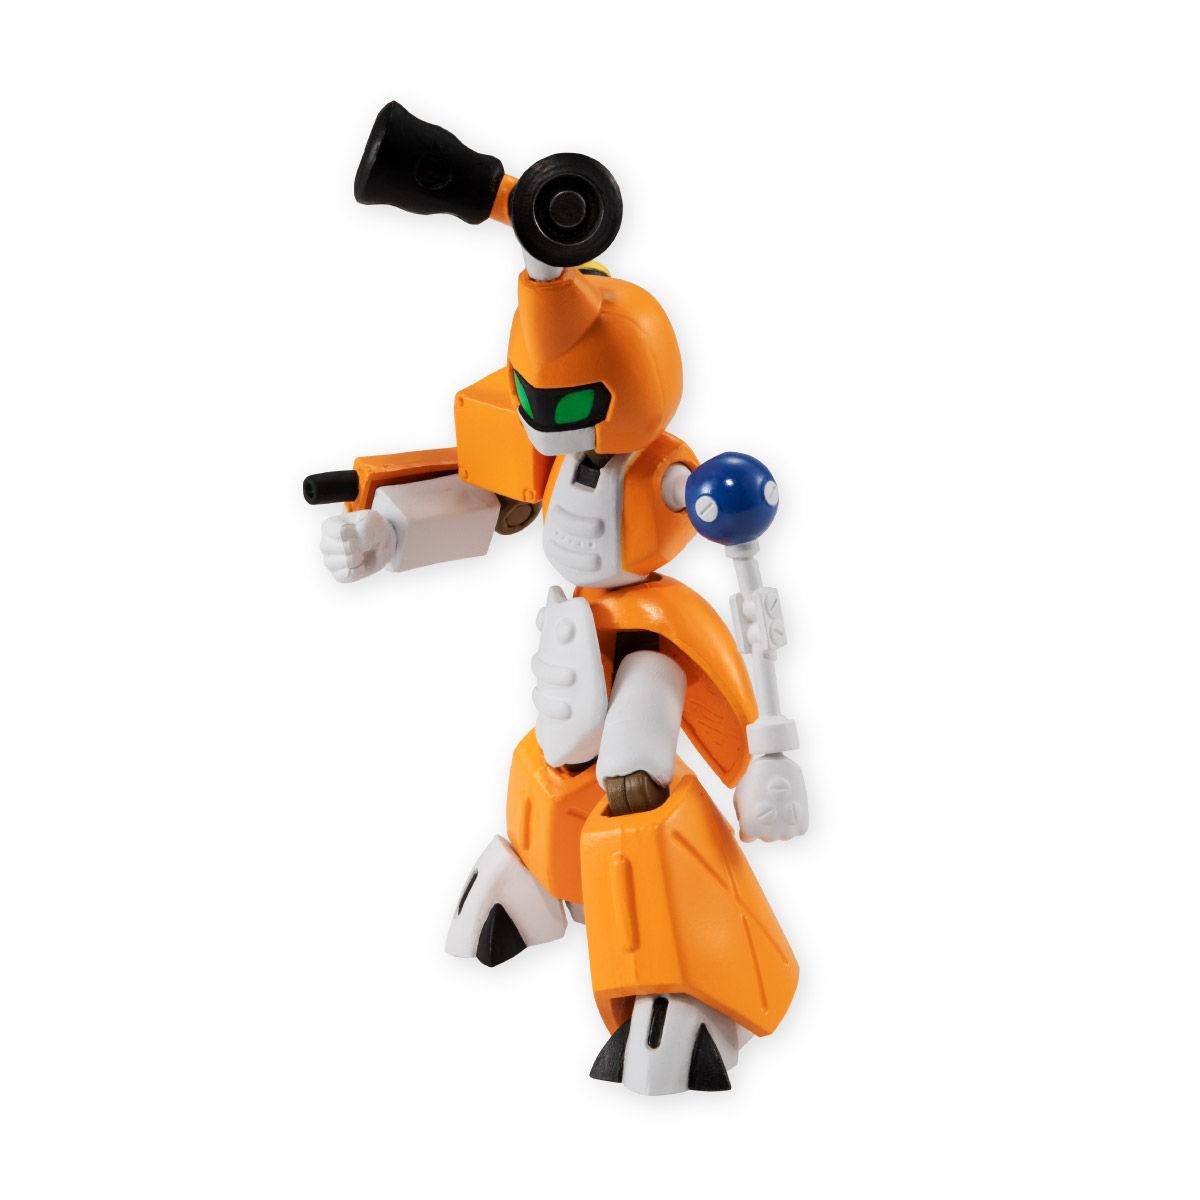 【ガシャポン】メダロット『超可動 1/12 メダロット プレミアムBOX』組み立て式可動フィギュア-007